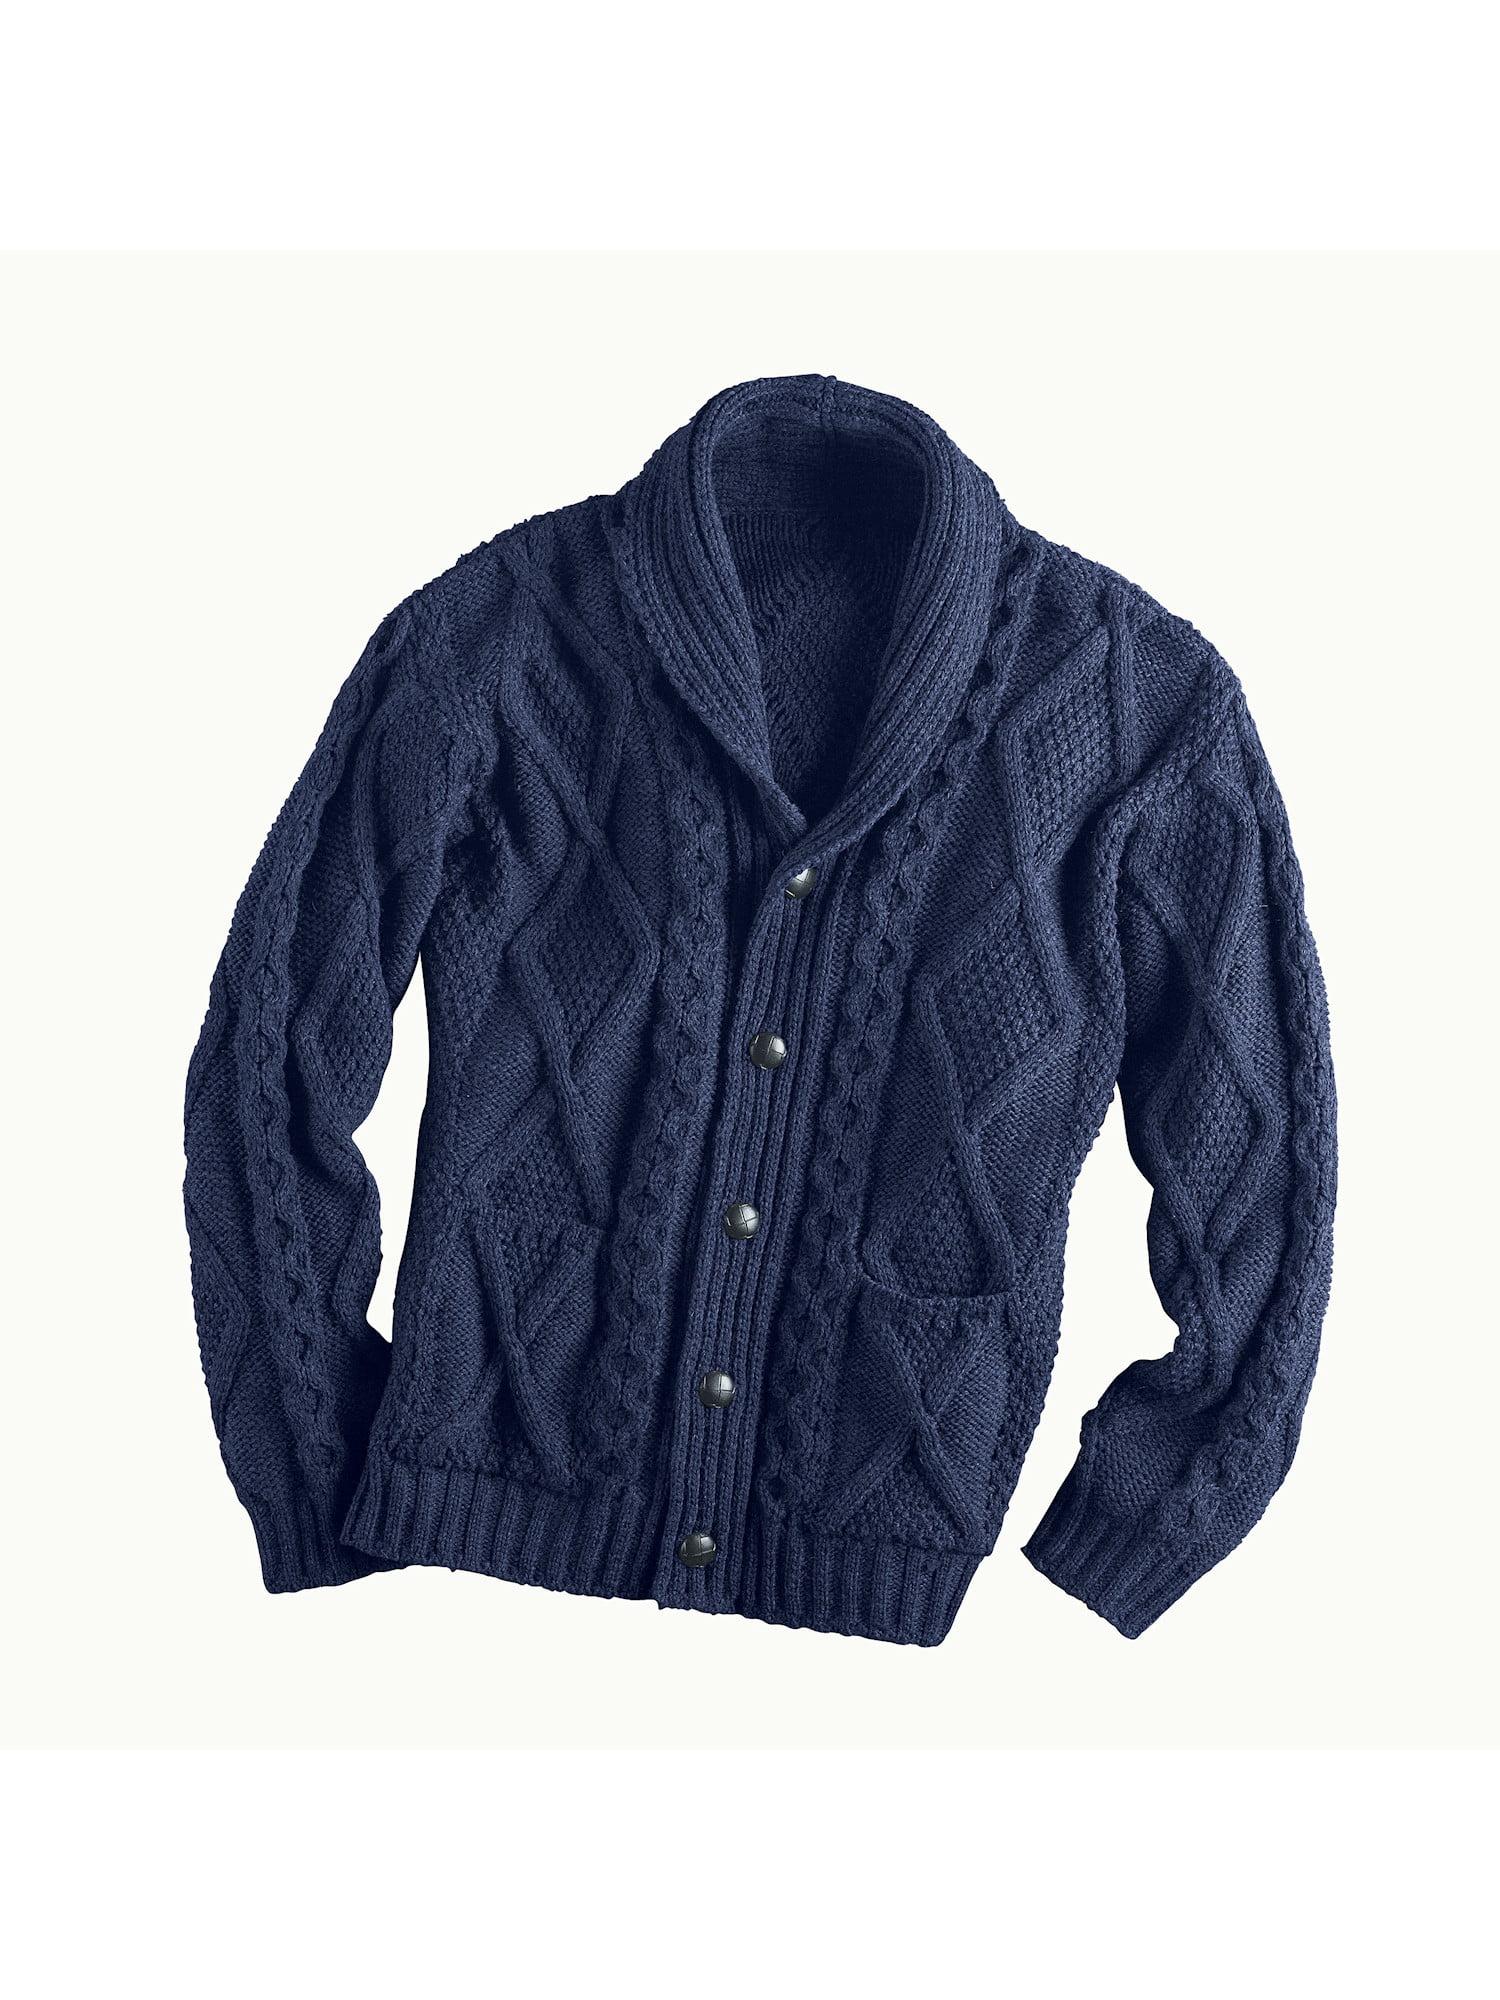 759fefe89 West End Knitwear - Men s Aran Shawl Collar Cable Knit Cardigan ...